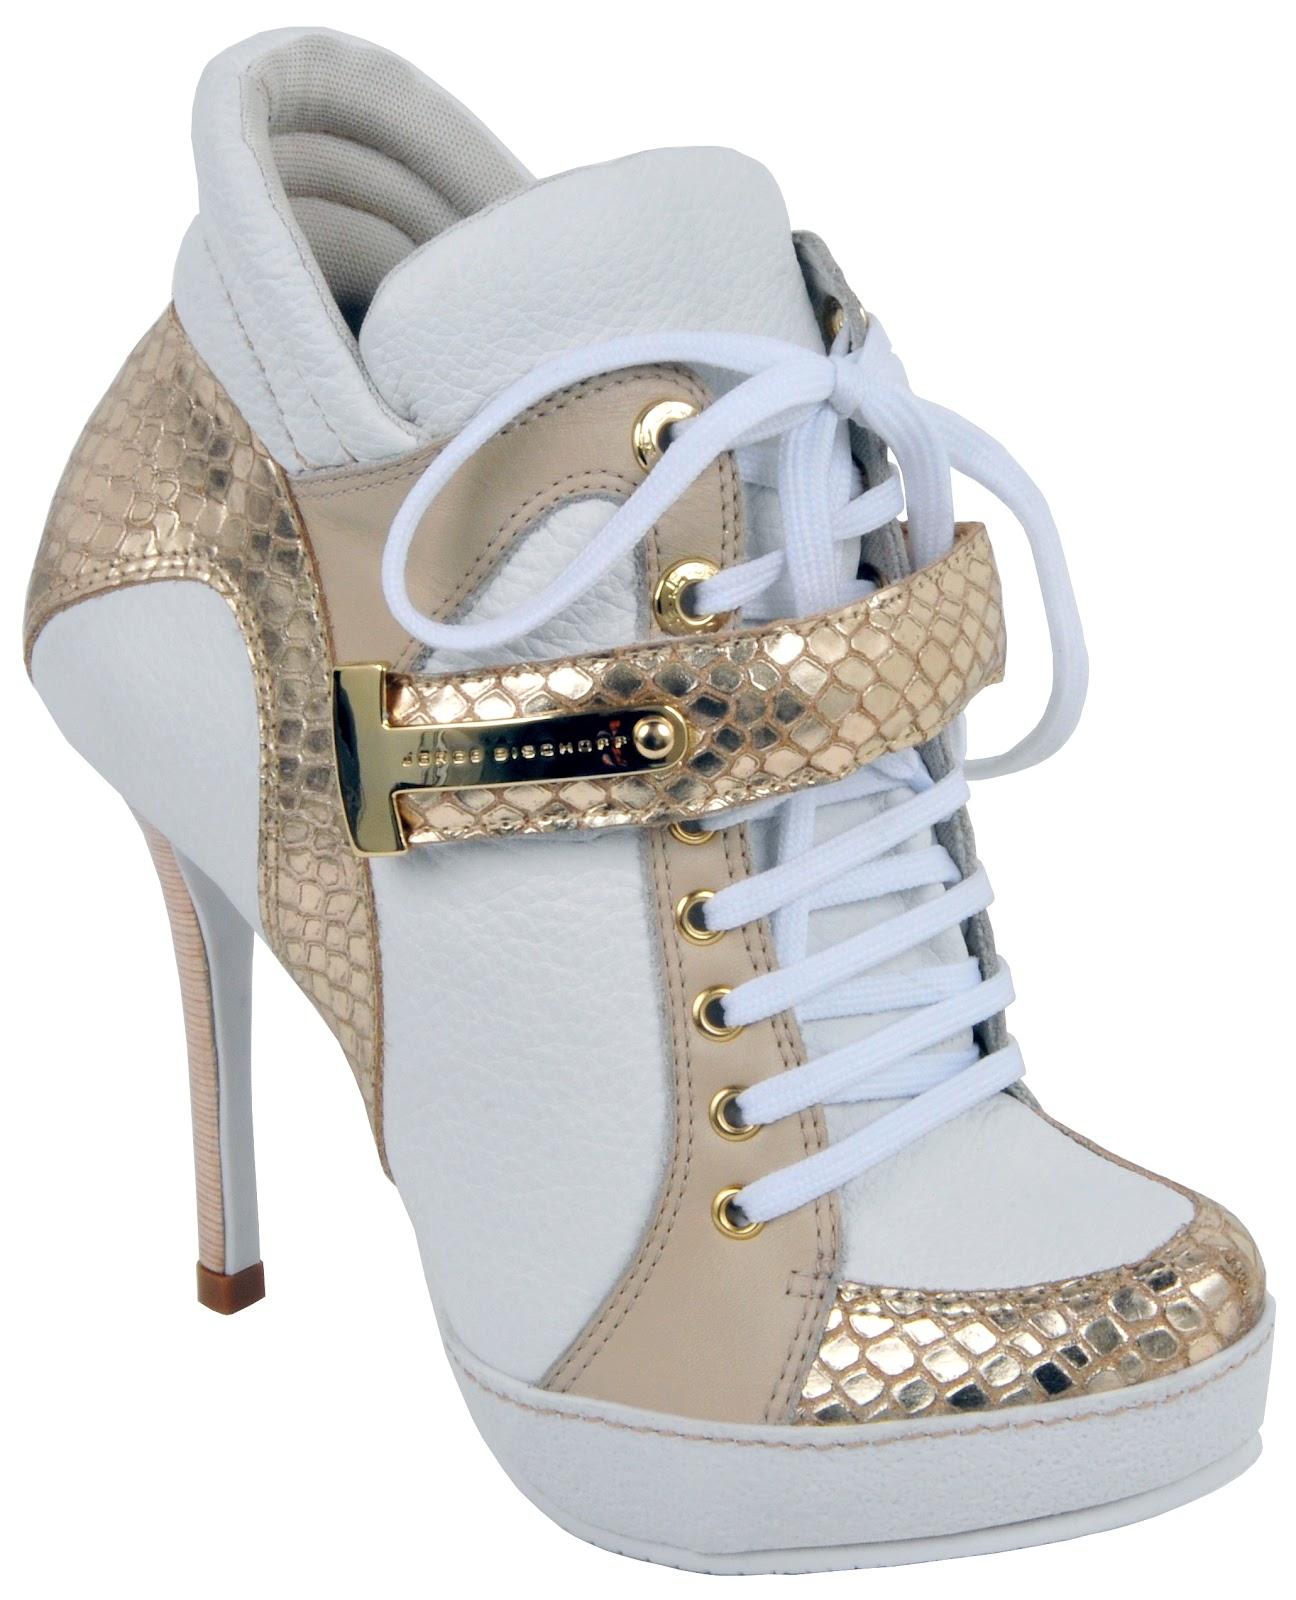 757d17426 Glam sneaker  tênis com salto alto fino é novidade da Jorge Bischoff ...